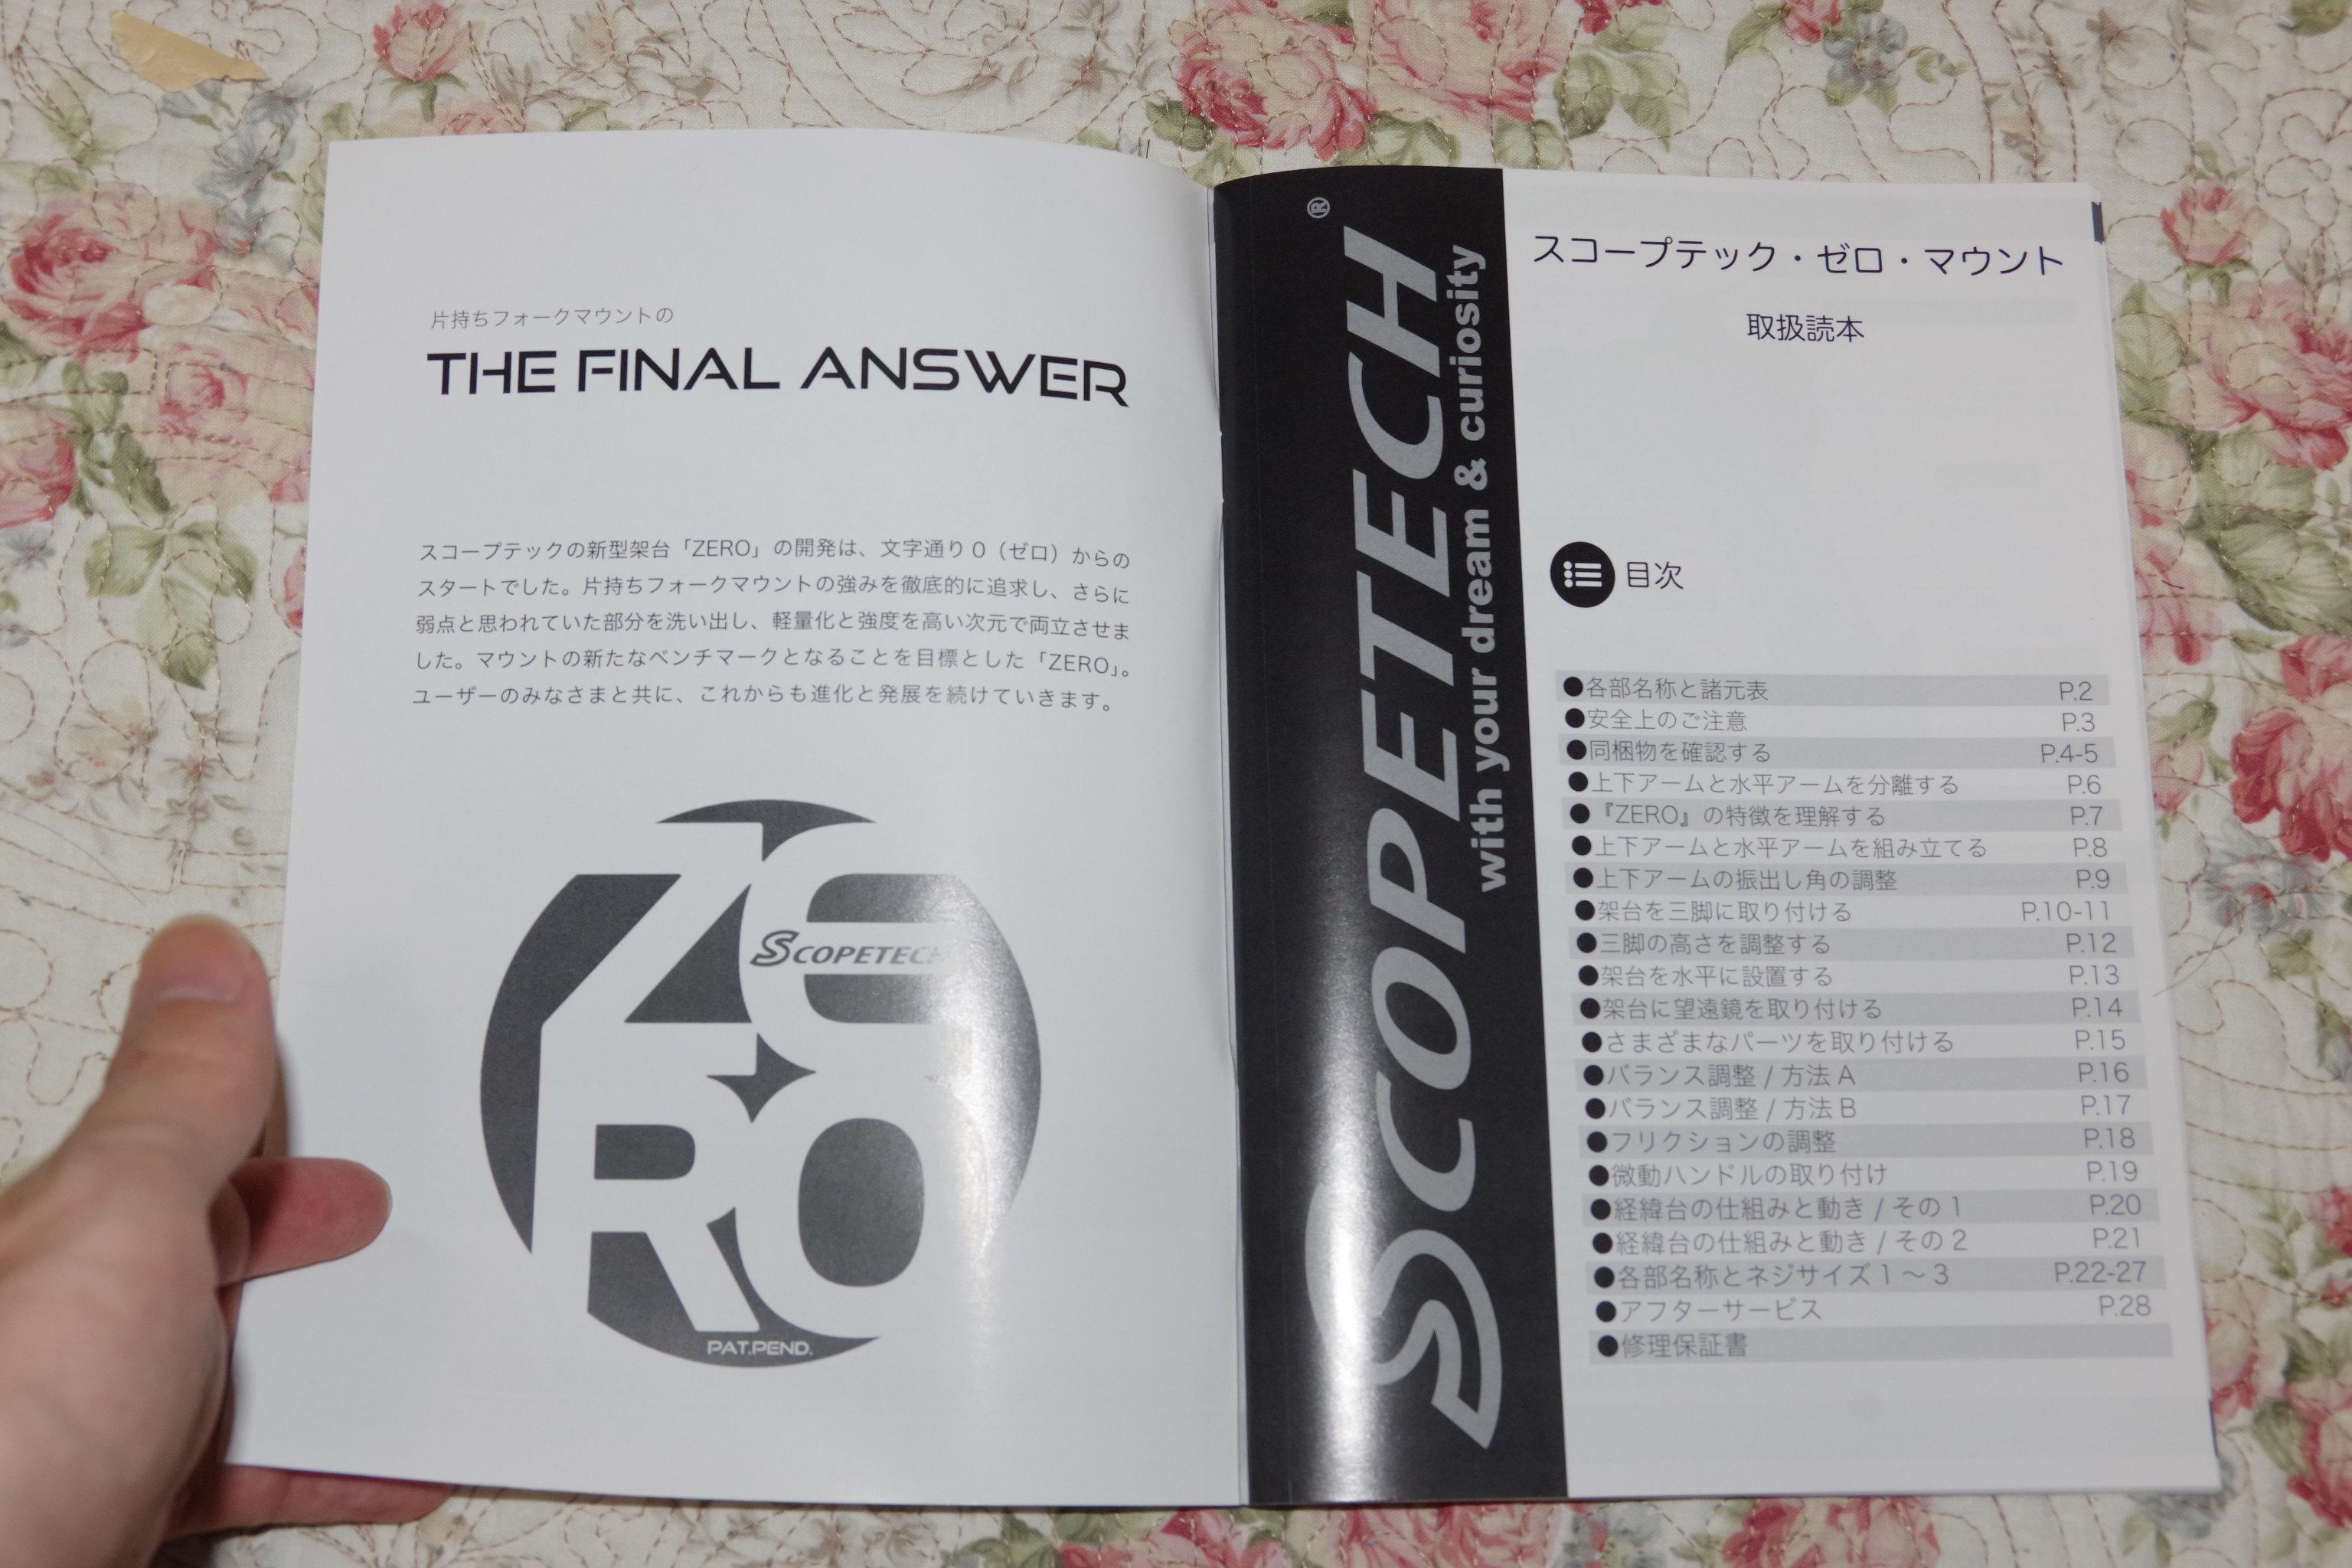 片持ちフォークマウントの『THE FINAL ANSWER』